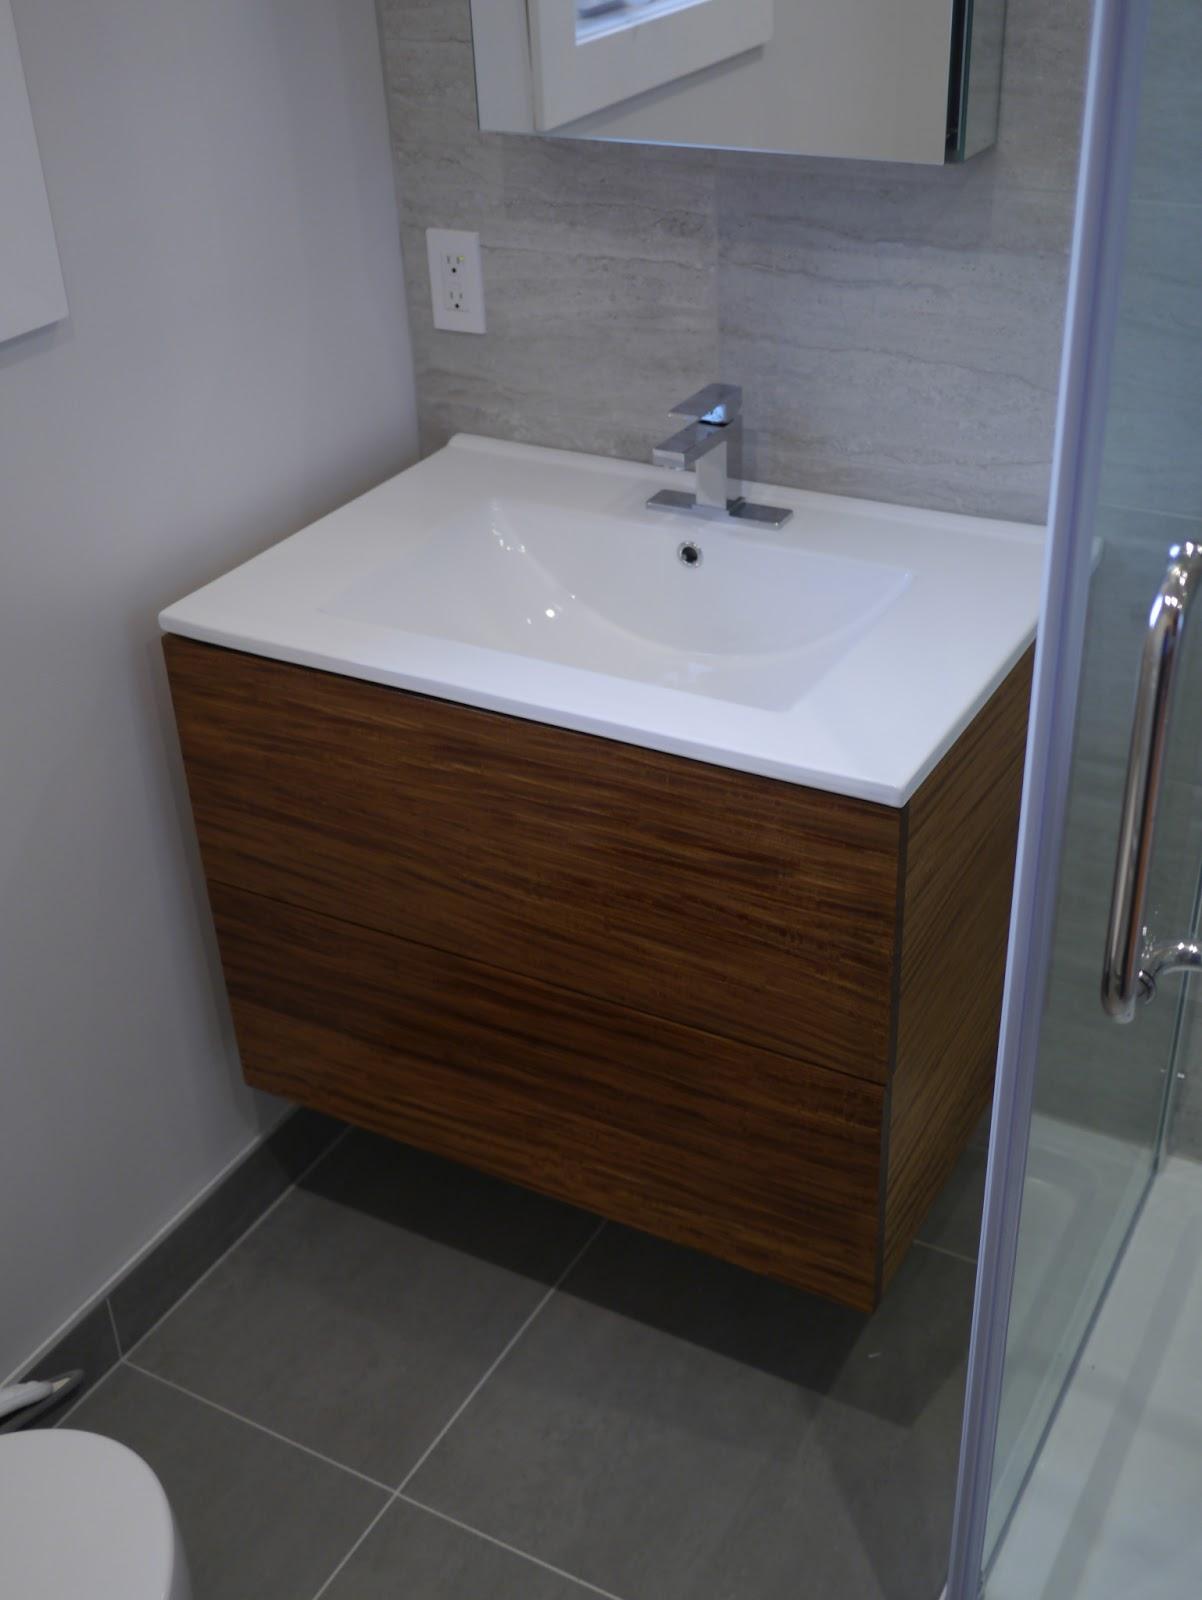 Vanite salle de bain ikea avec haute définition fonds d'écran ...